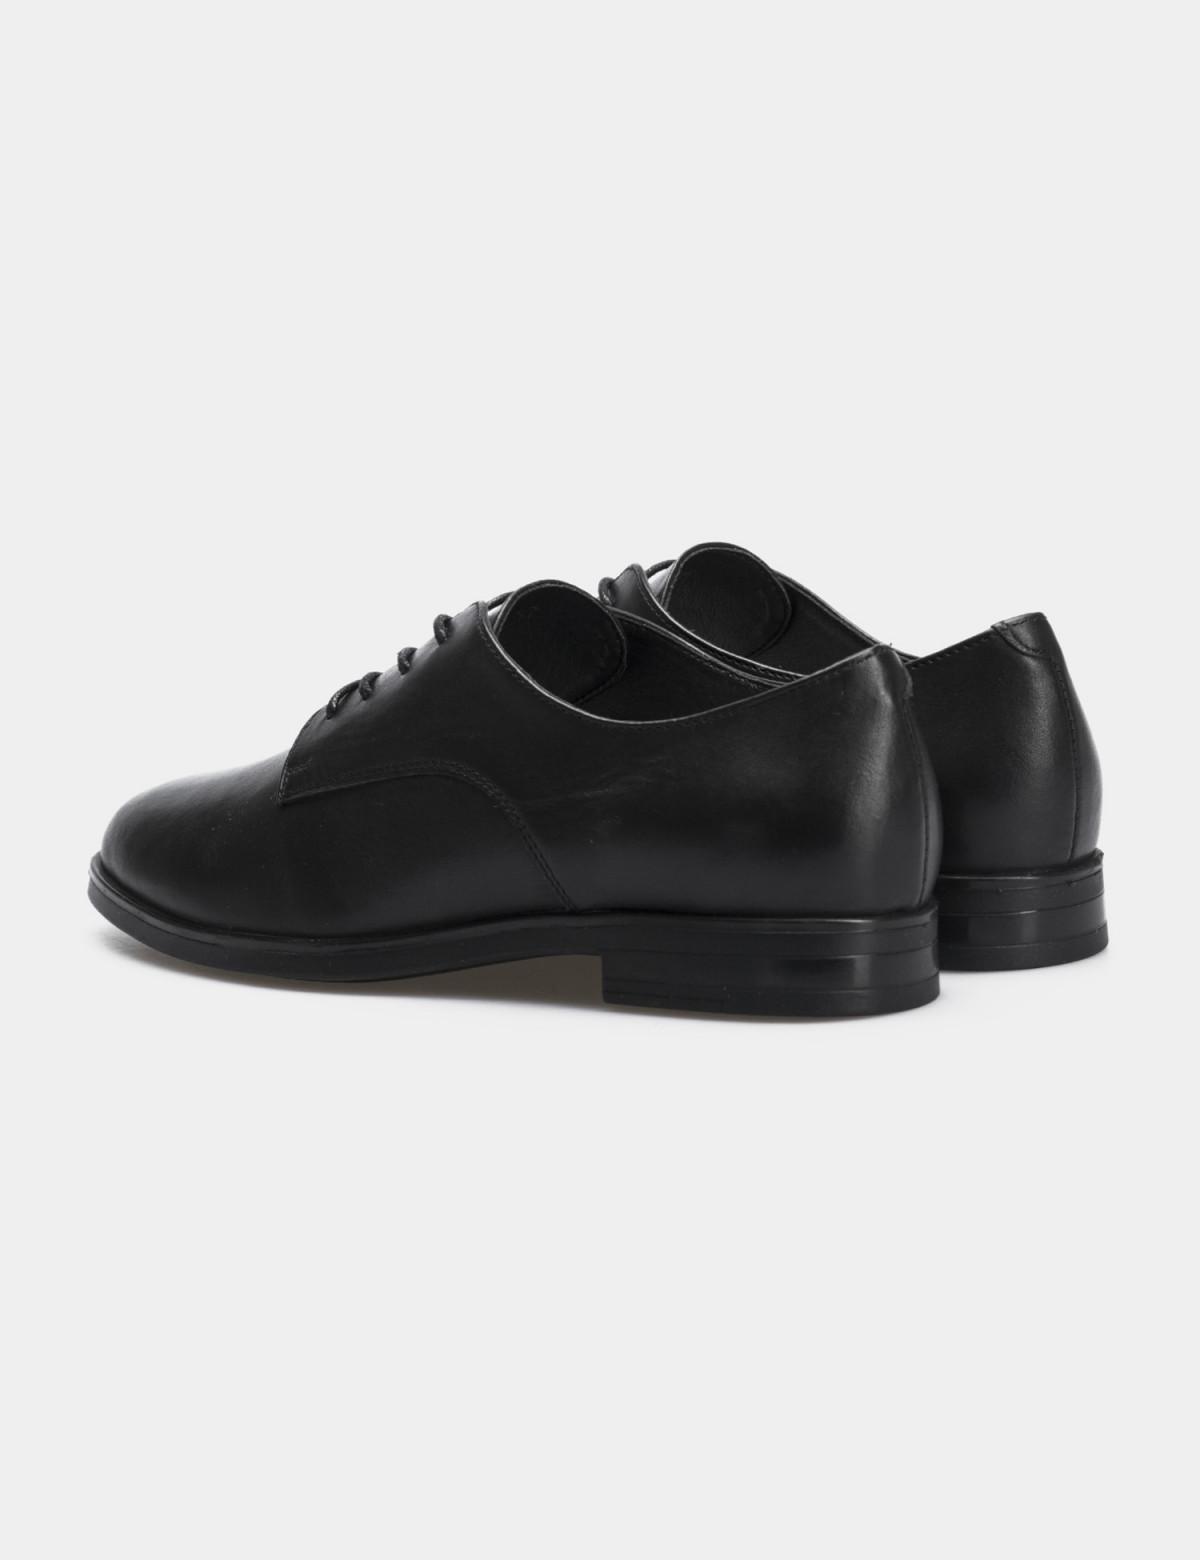 Туфли черные, натуральная кожа2